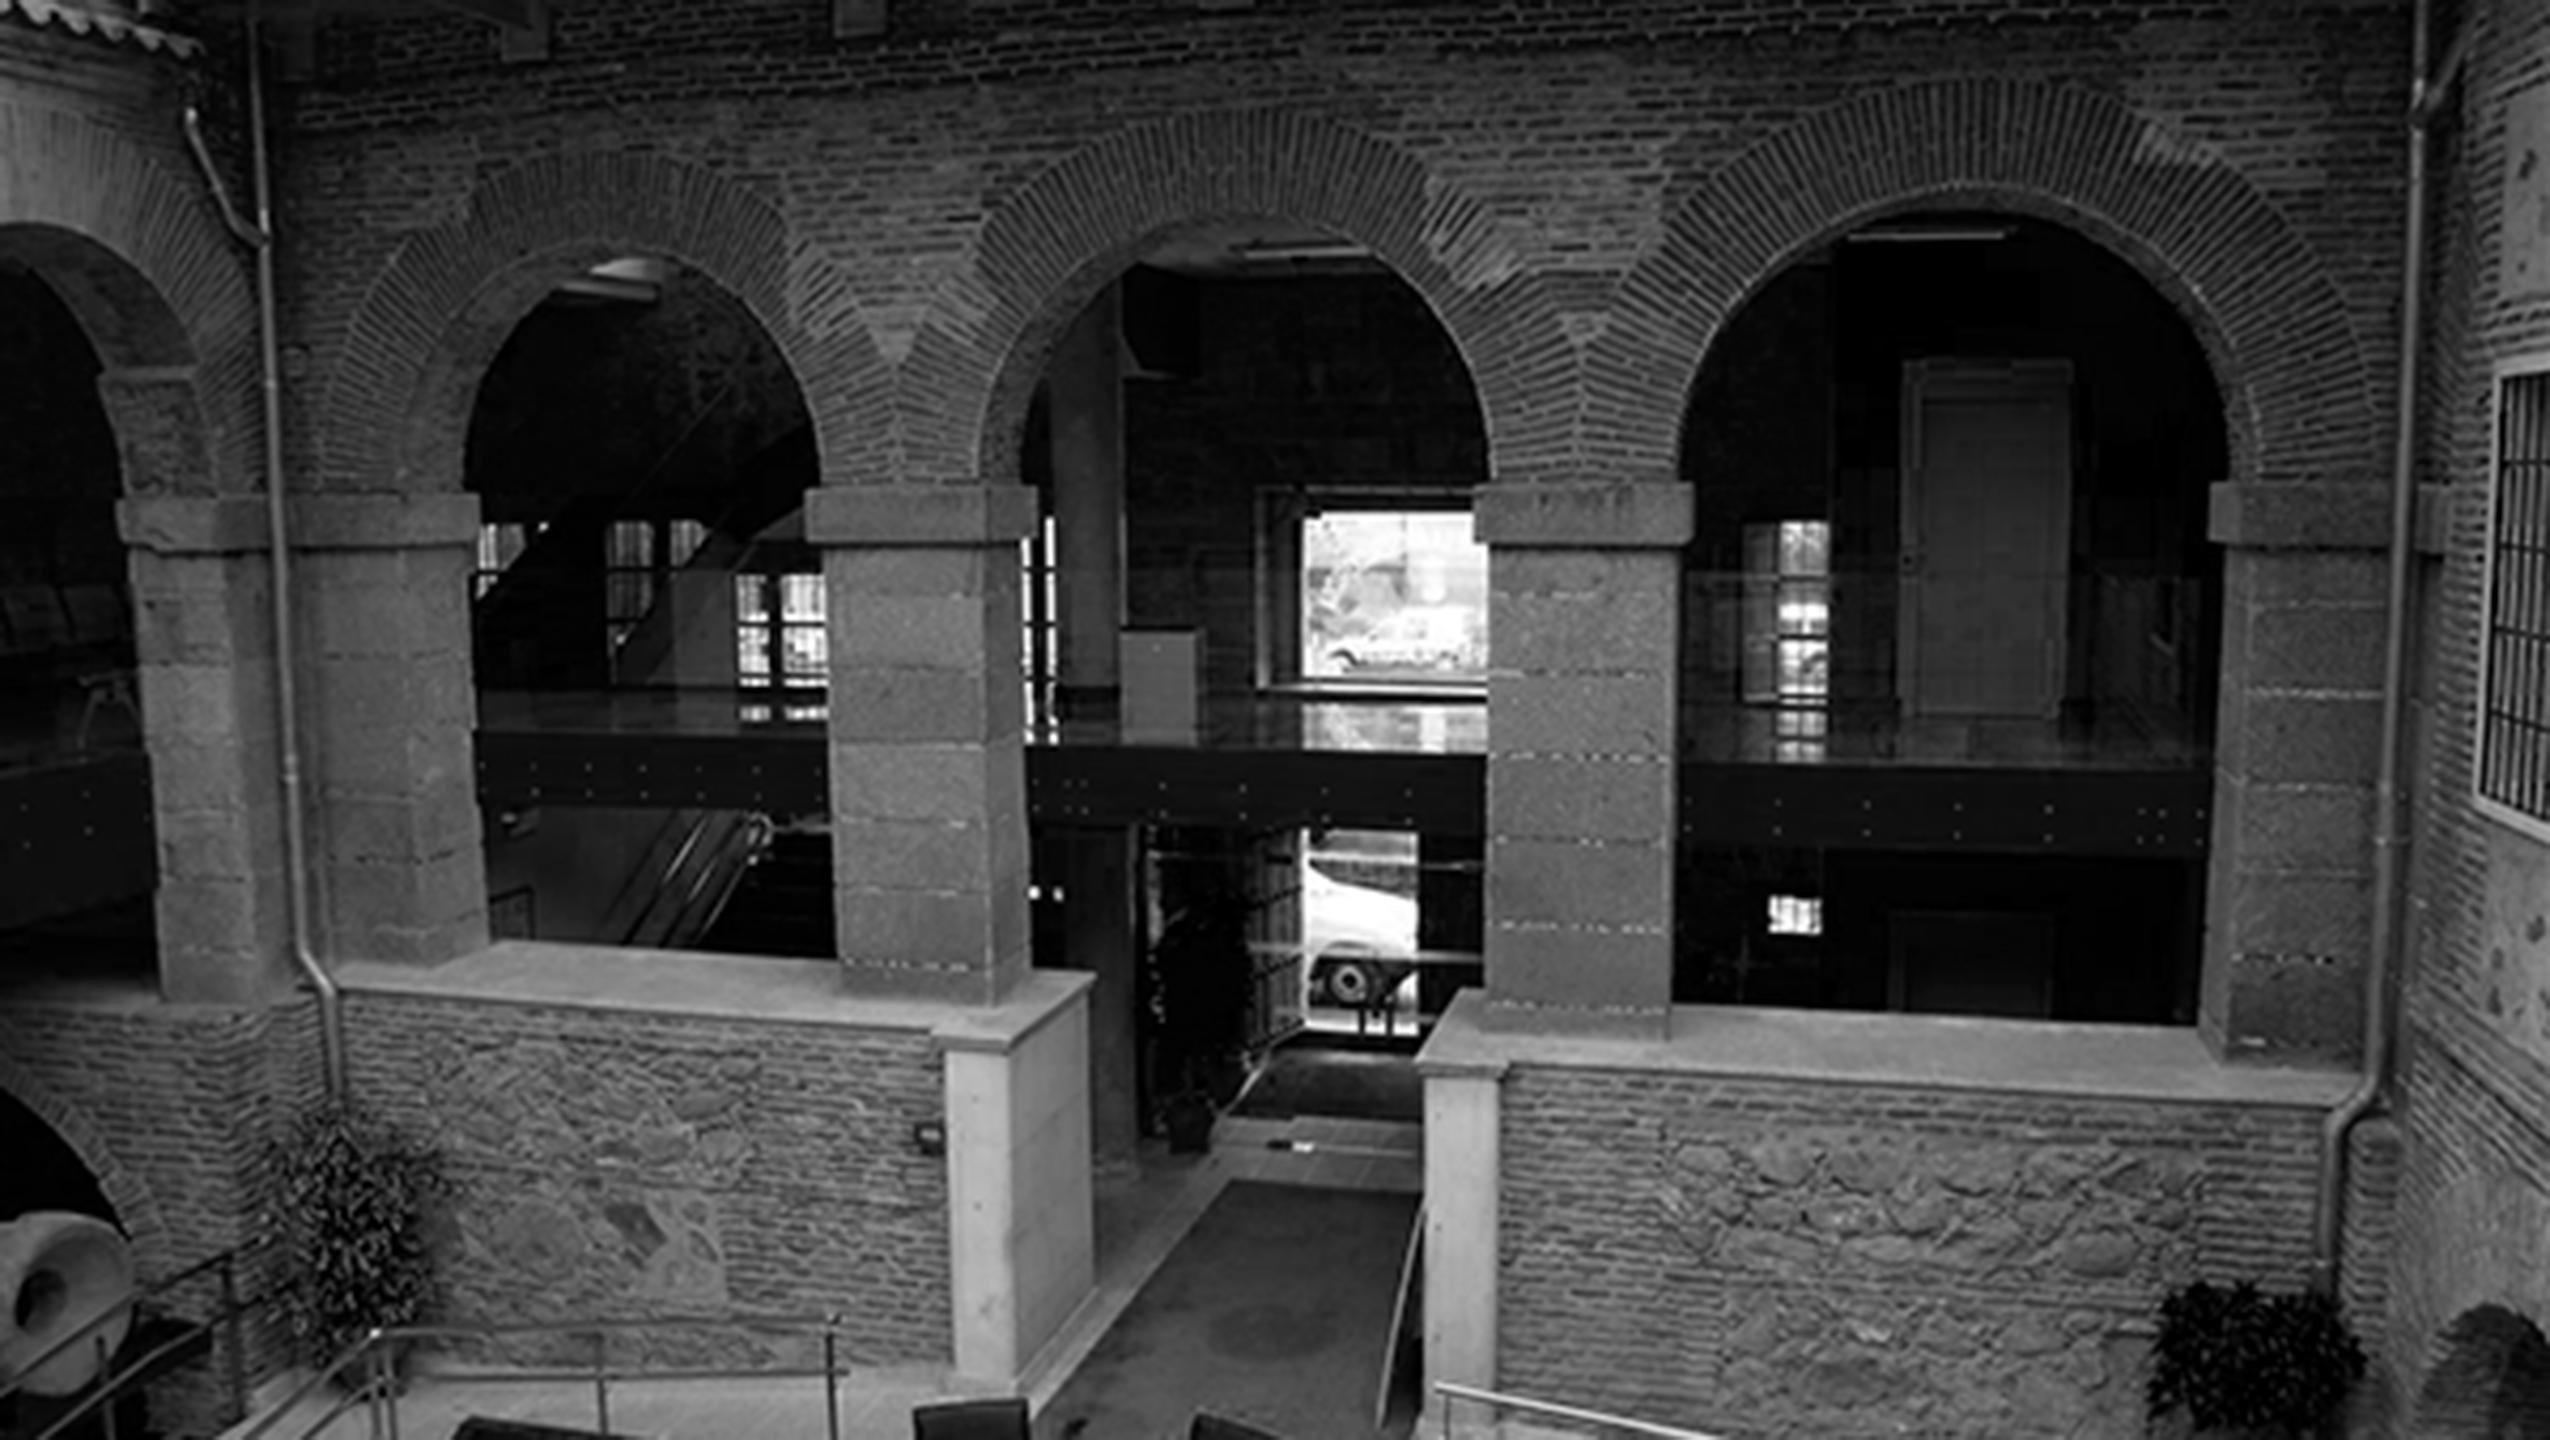 Fenómenos Paranormales en el Centro Cultural Rafael Morales